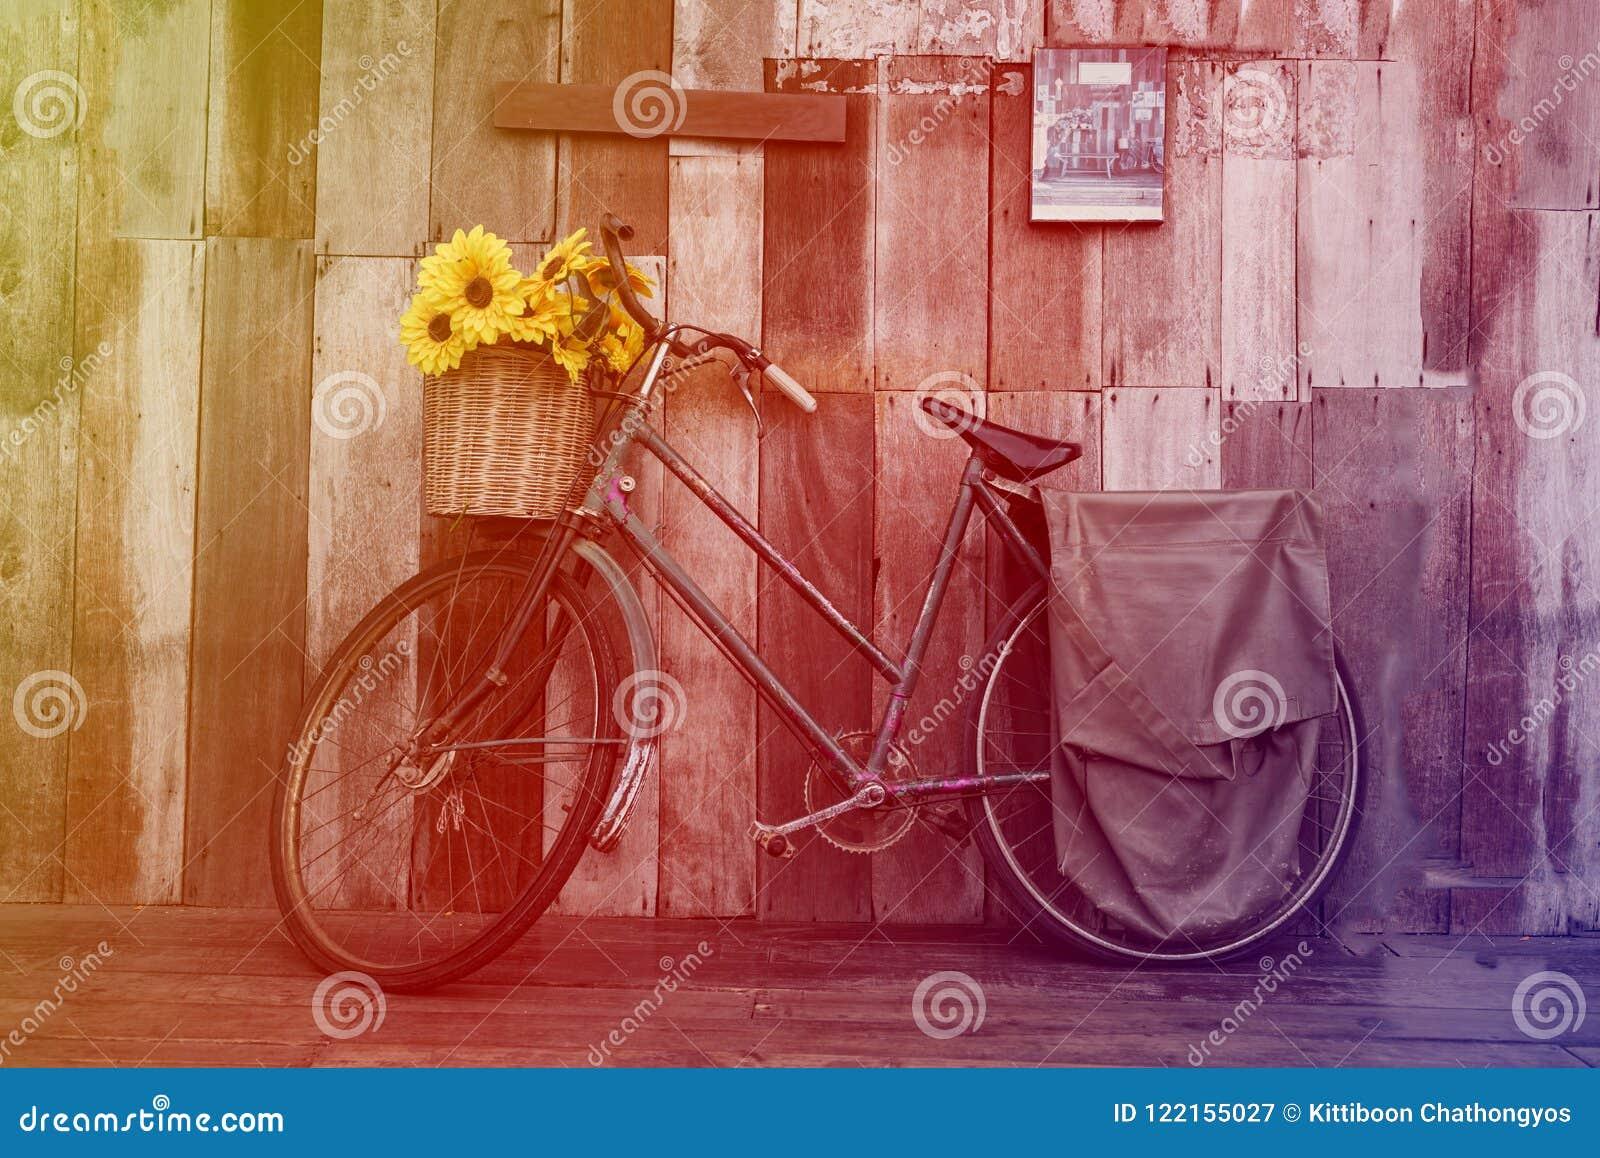 Bicicletta d annata con i girasoli nel canestro sul fondo di legno rustico della parete